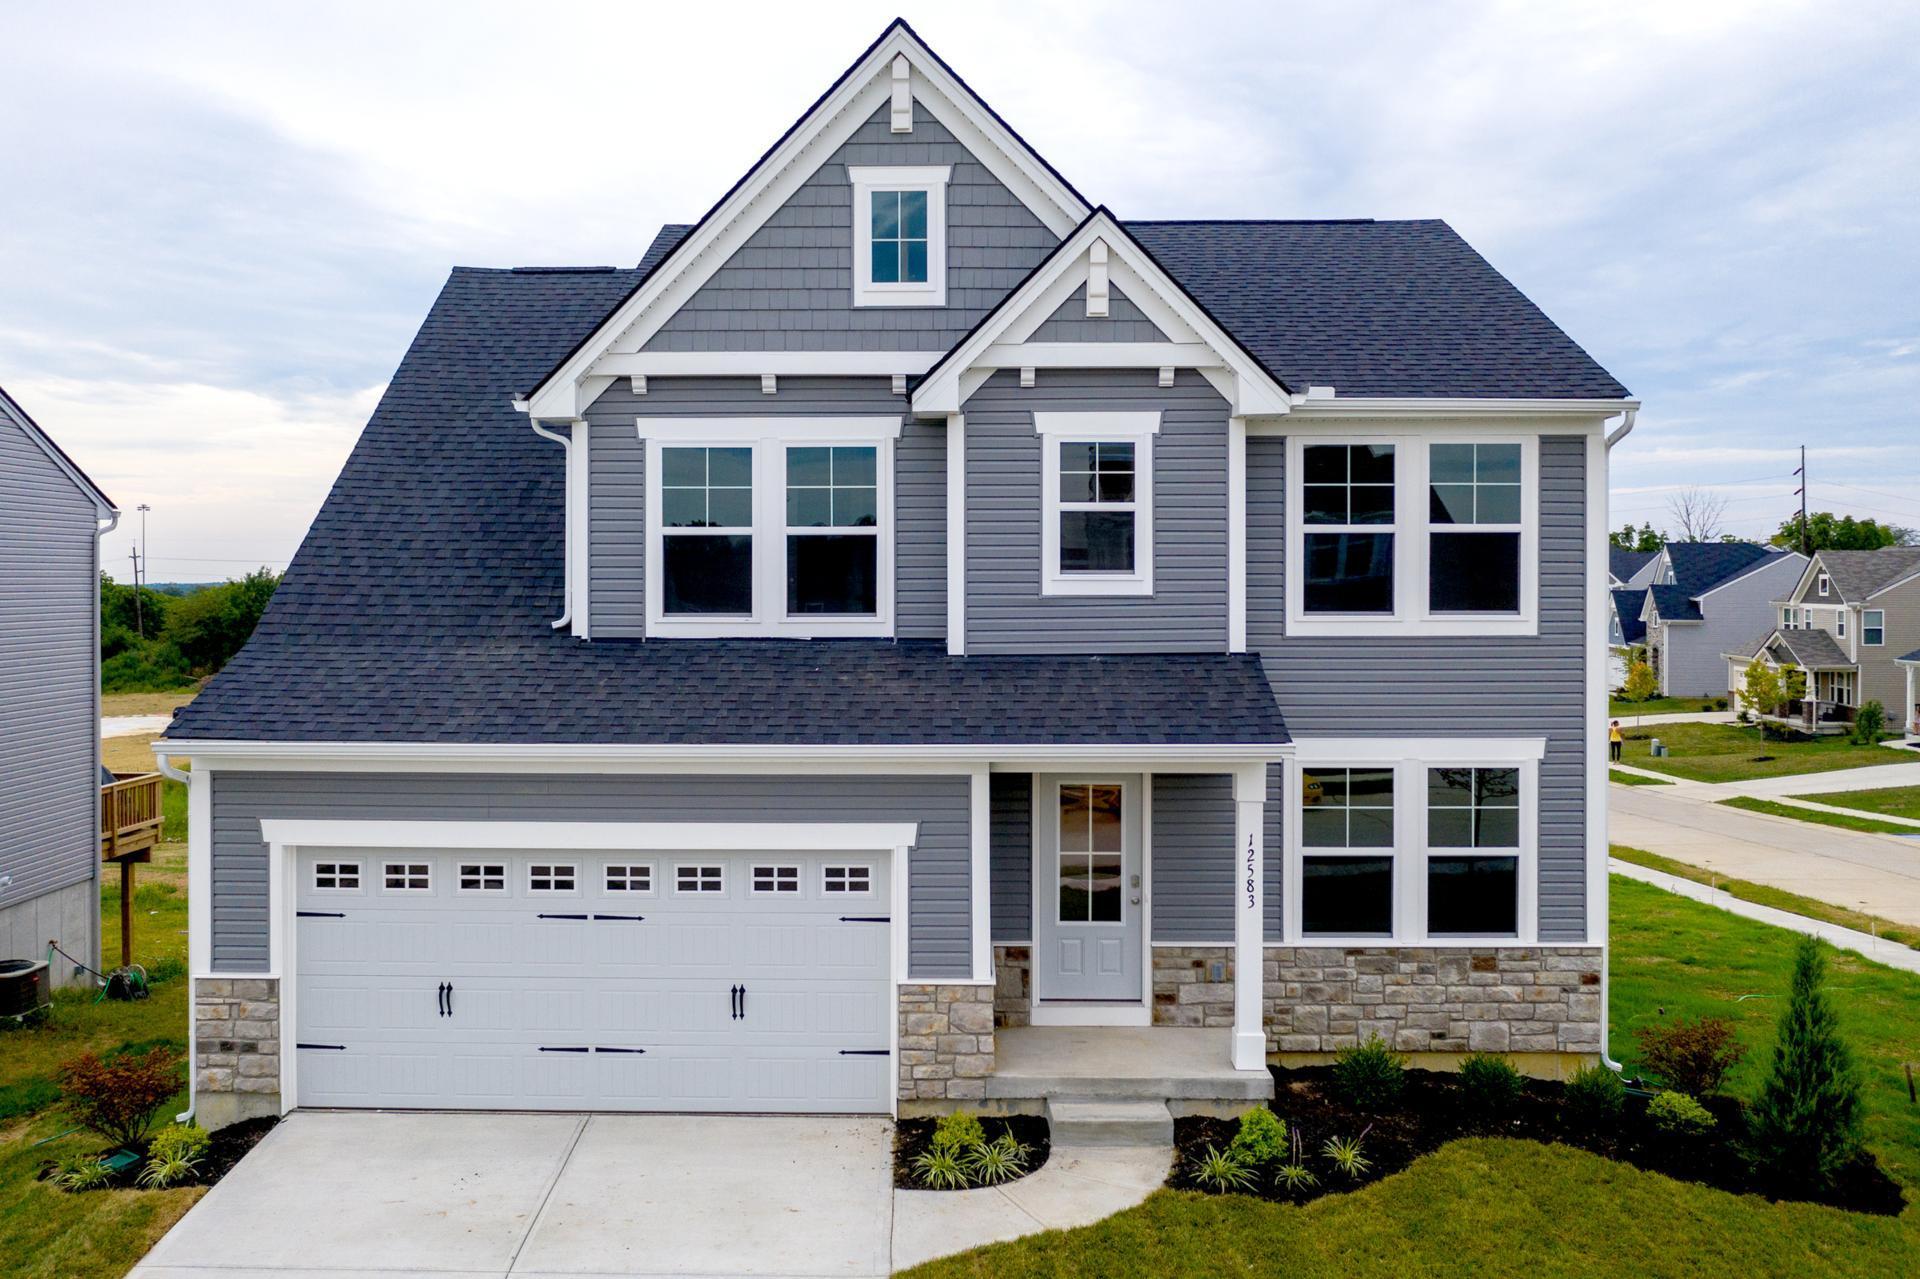 'Hawk's Landing' by Drees Homes in Cincinnati